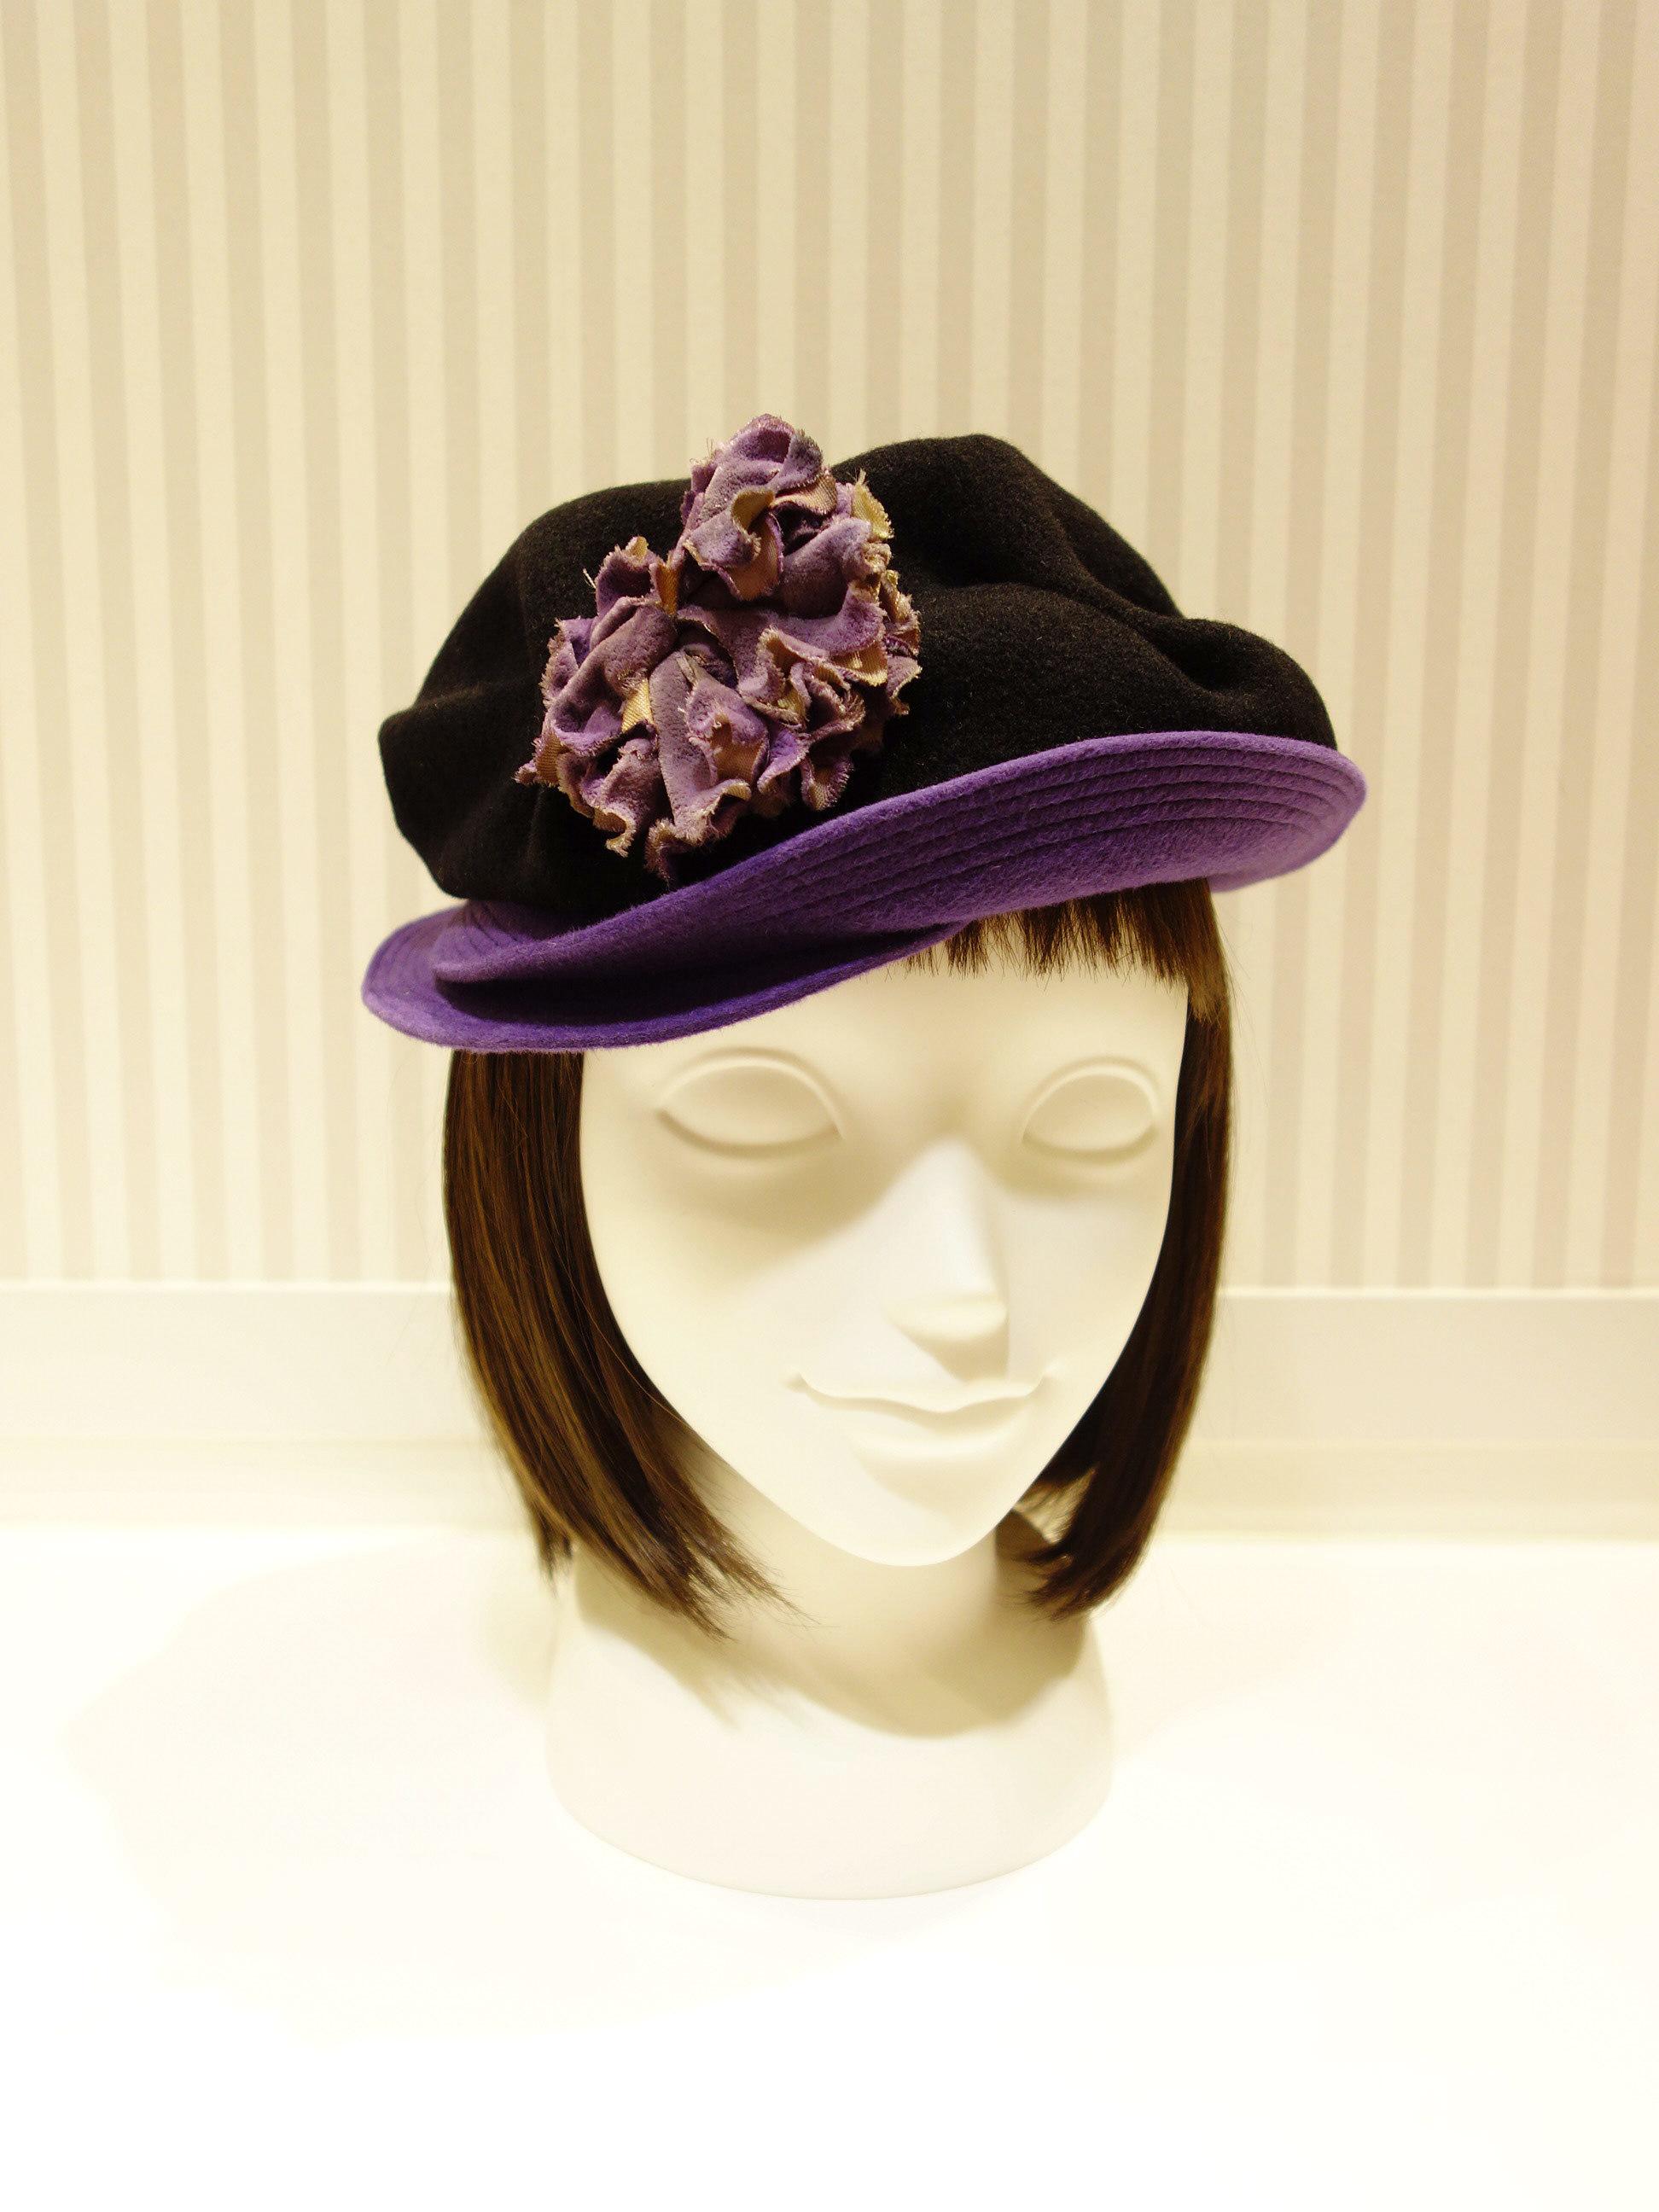 Mode Svetlana*新作帽子入荷*_e0167832_21015852.jpg